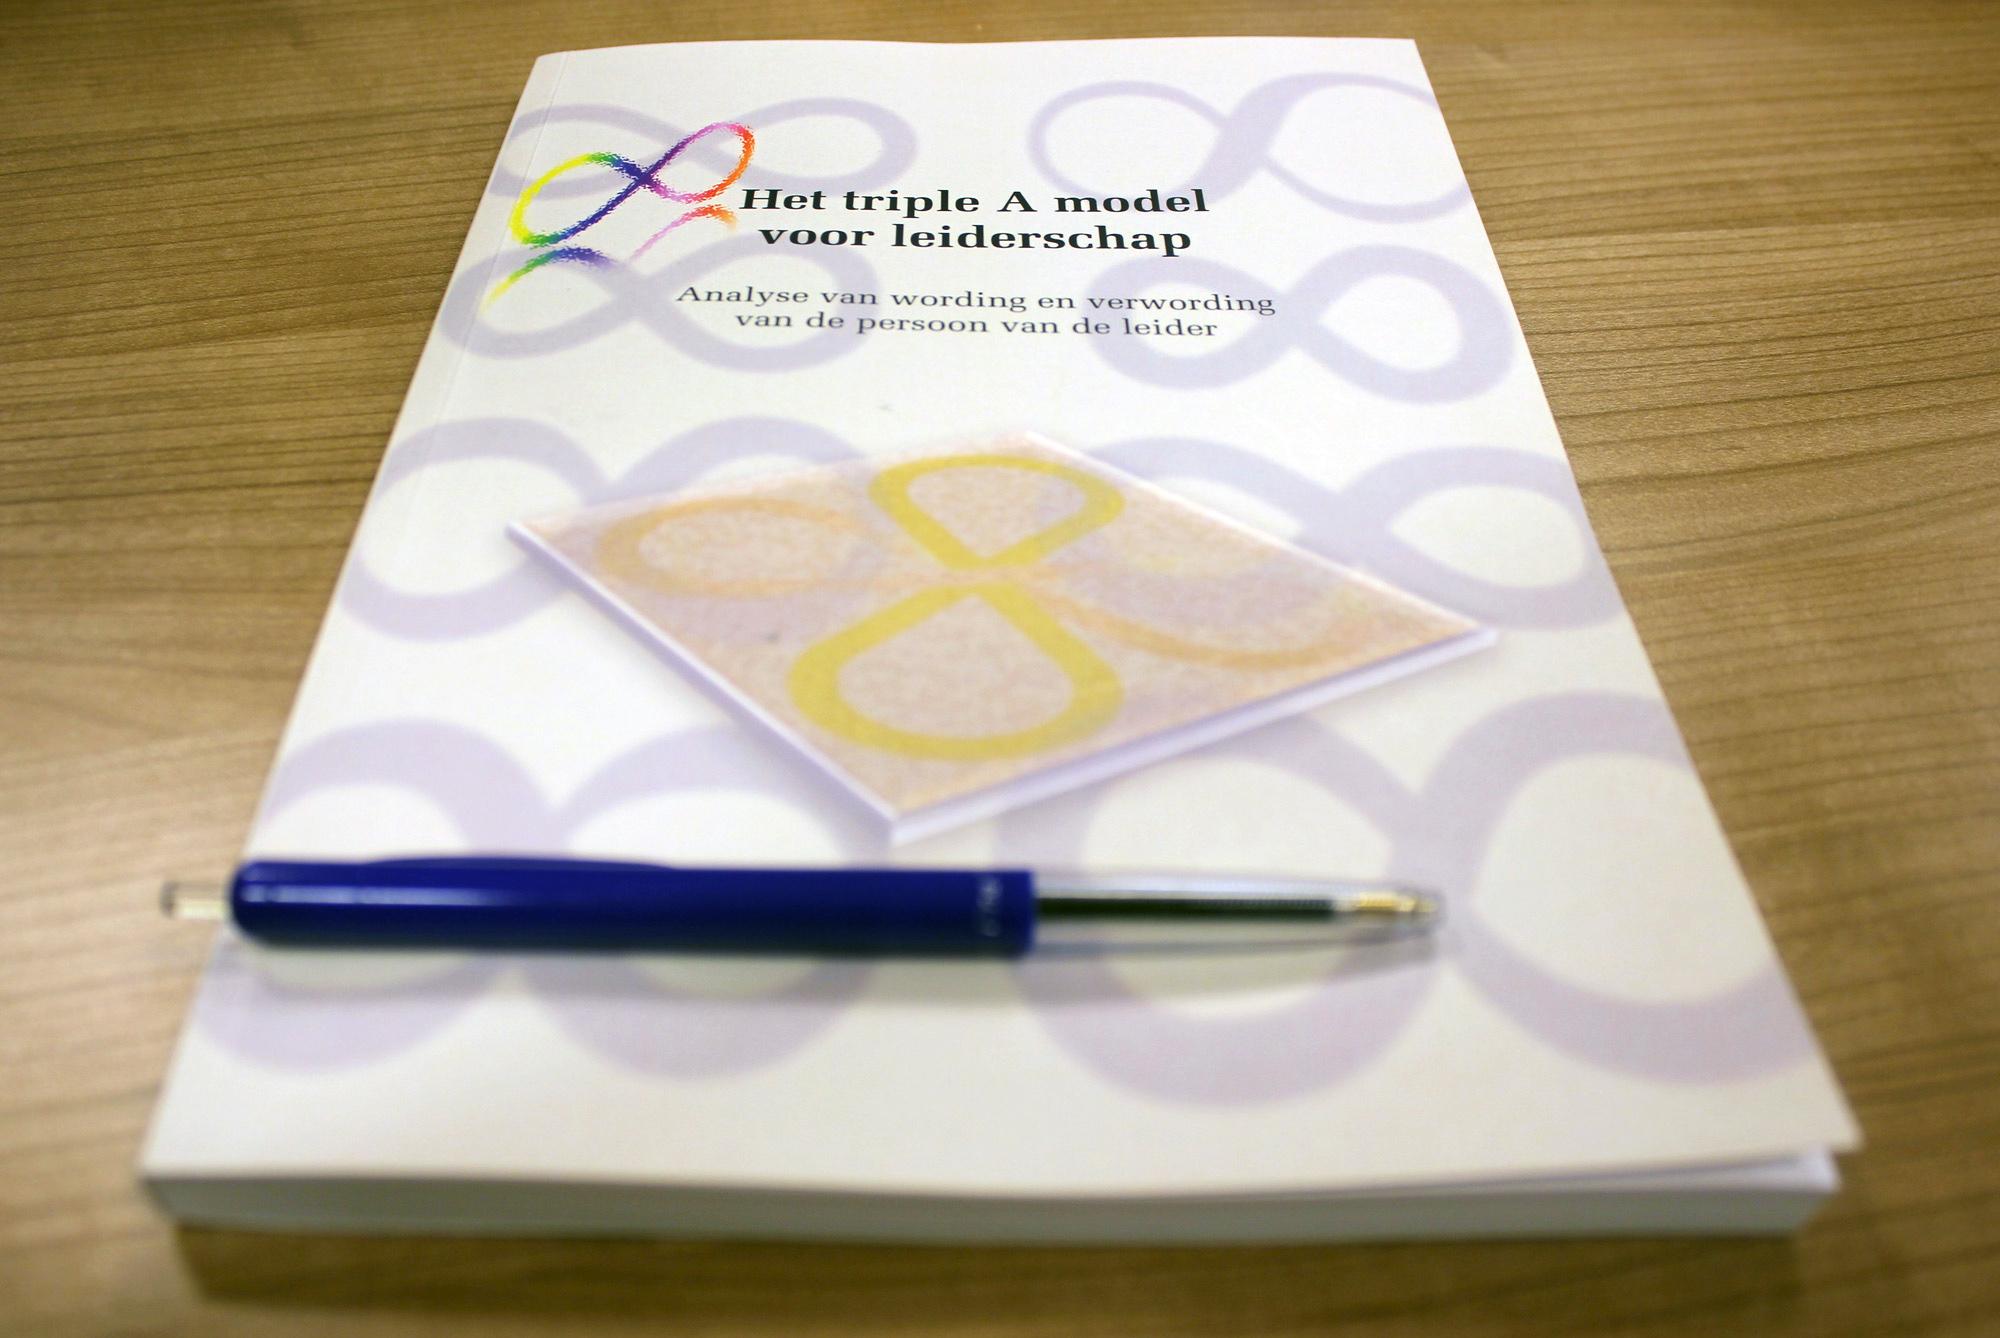 plagiaat-proefschrift-triple-a-model-voor-leiderschap1